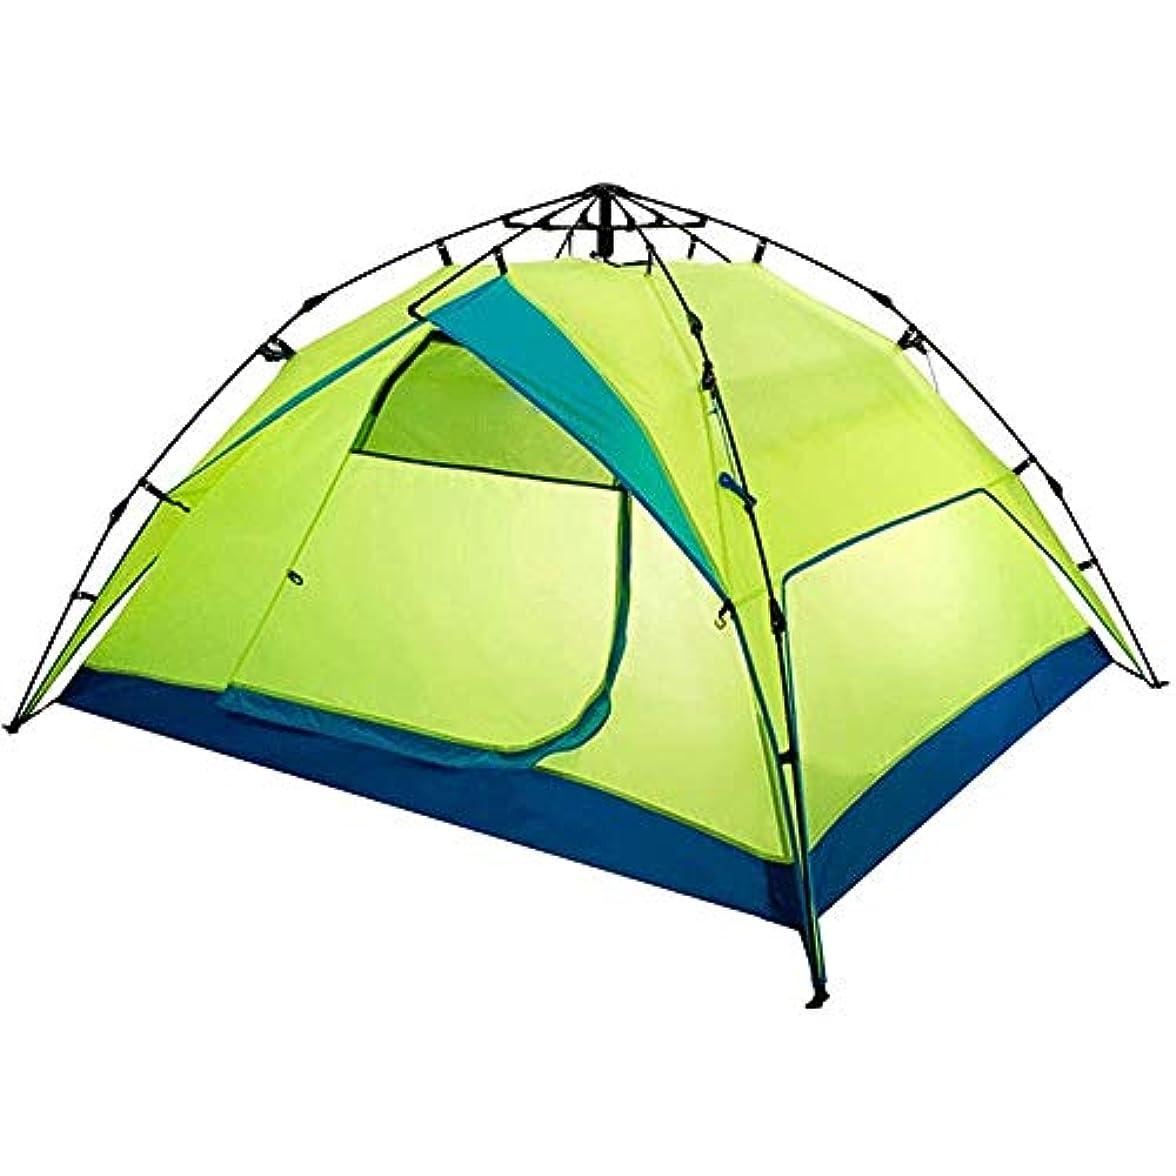 吸い込む感心する首LJMYP キャンプ用テントバックパック用テントキャンプ用ギアテントキャンプ用テント屋外用キャノピーガゼボ、自動スピードオープンキャンプ用テント防風性と防雨性に優れたセットアップ